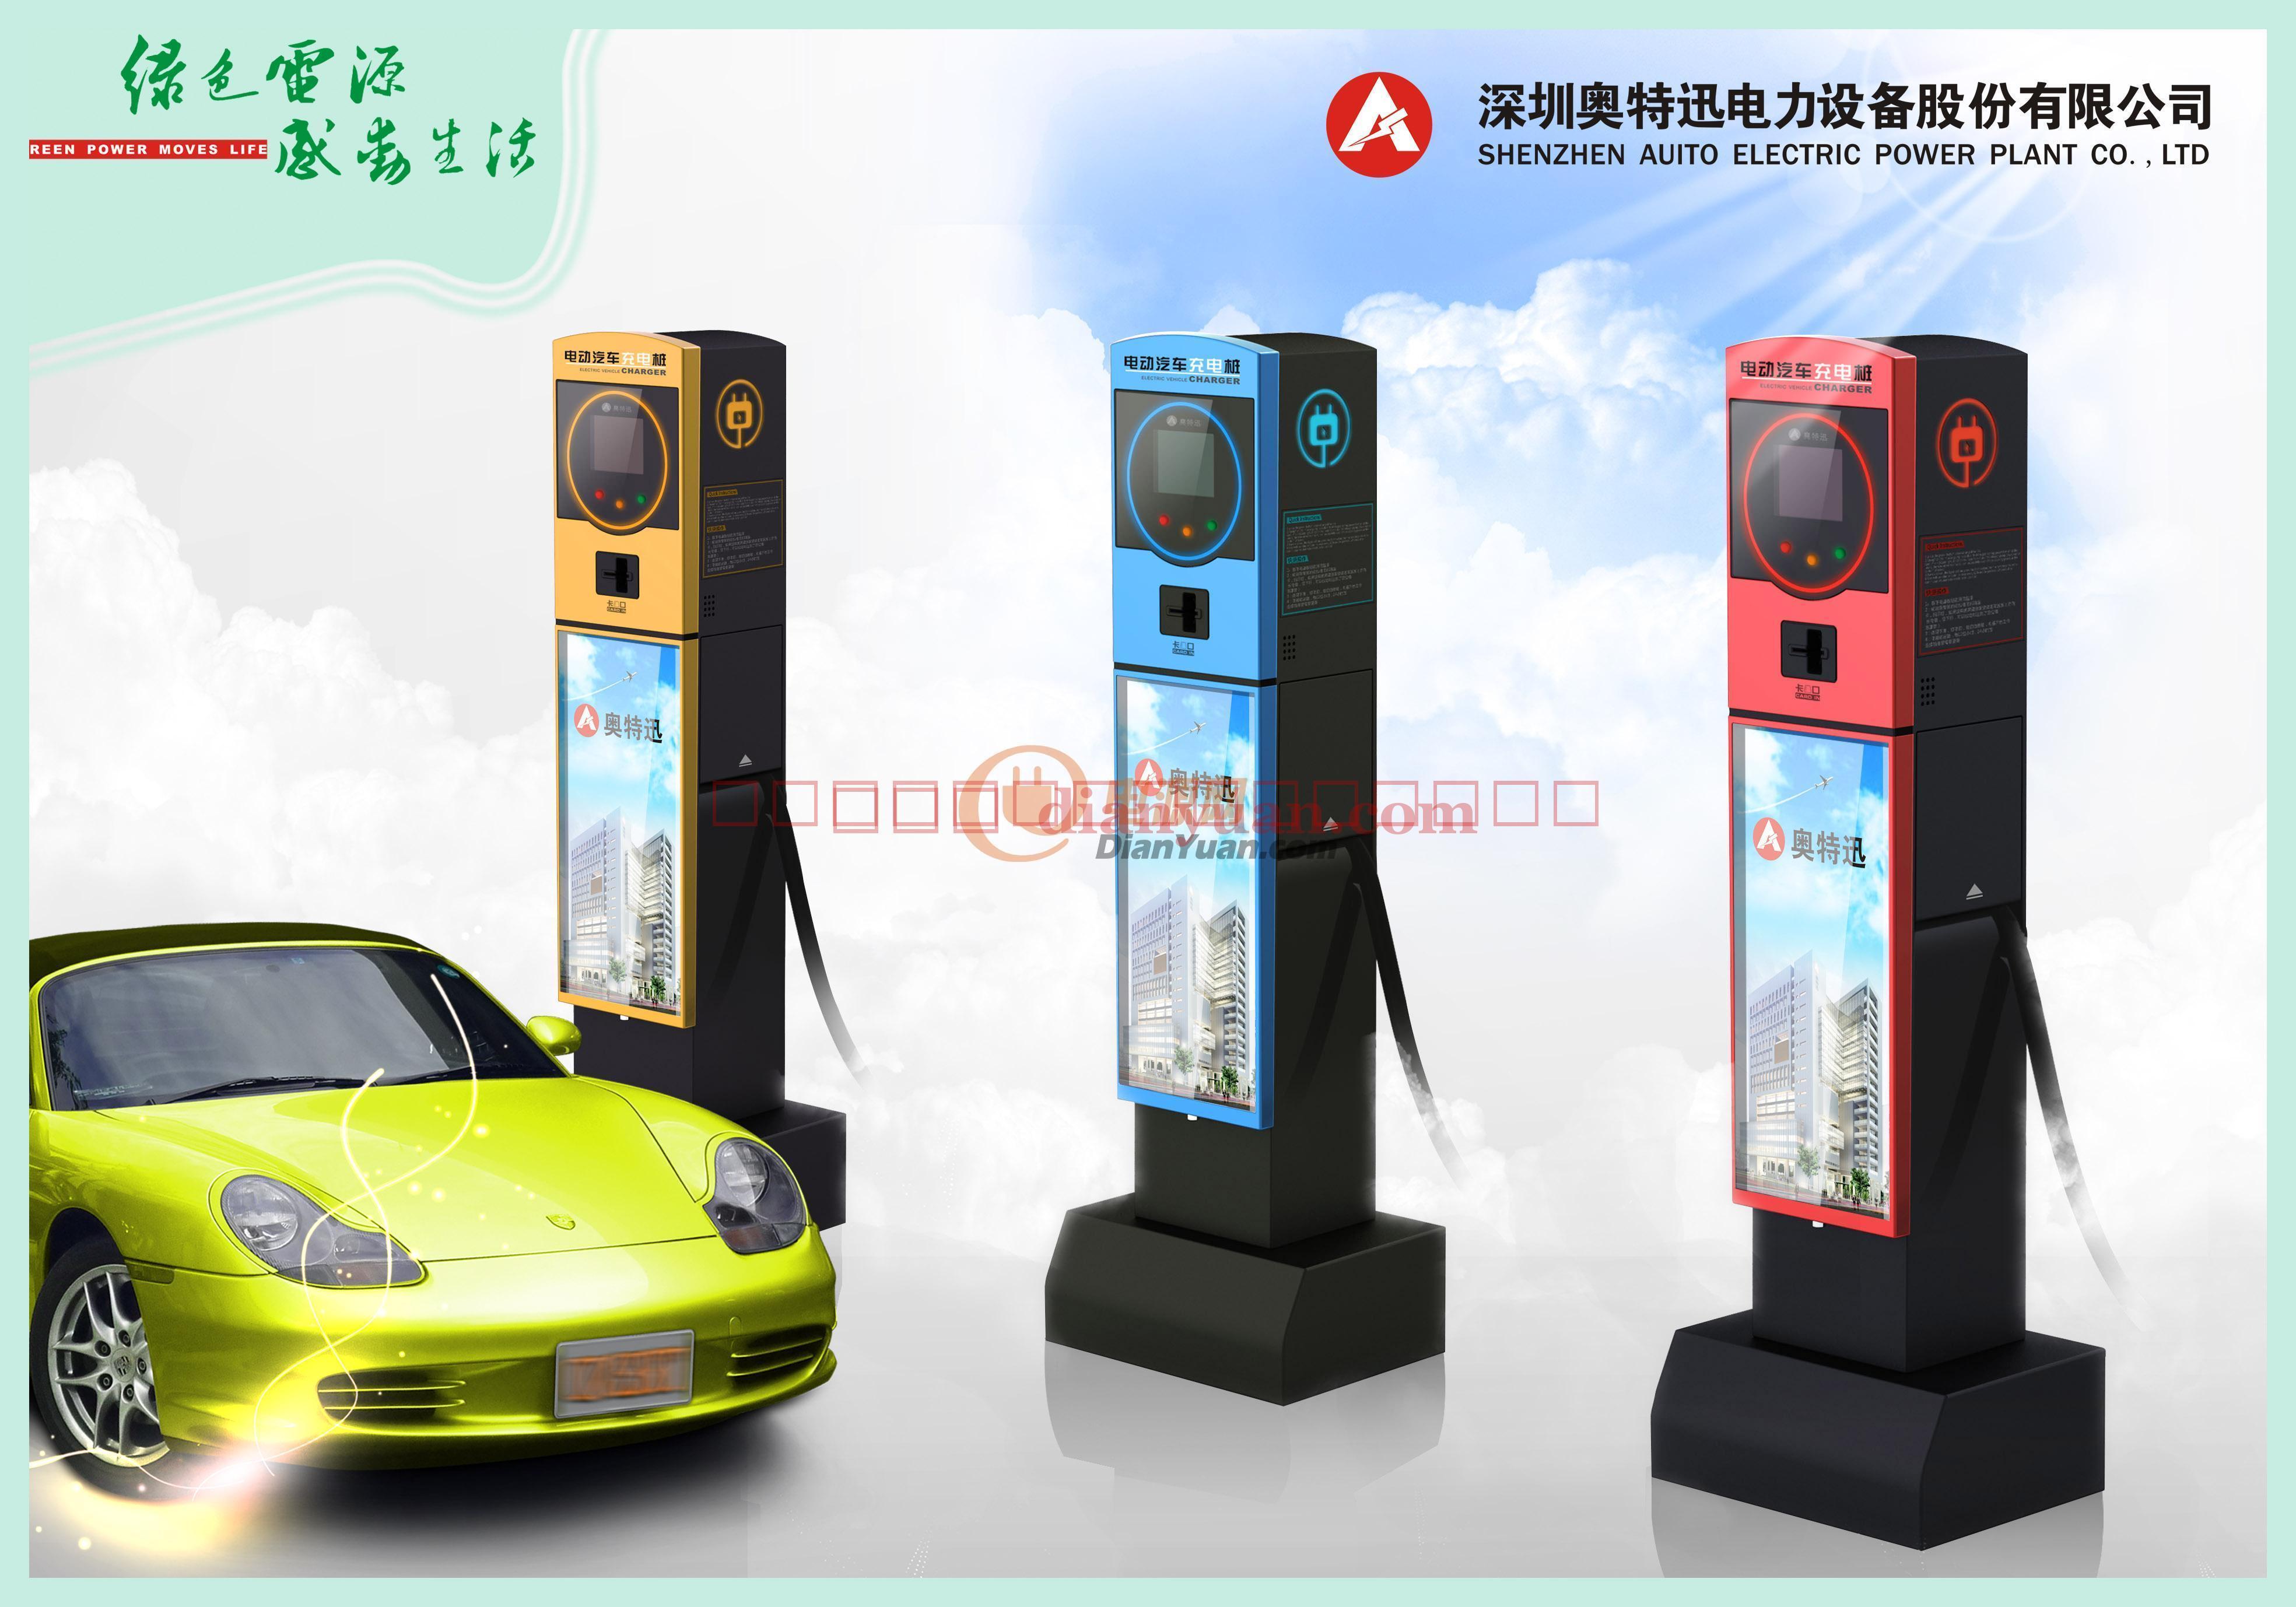 汽车电桩|深圳奥特迅atc32cz新能源电动汽车快速充电